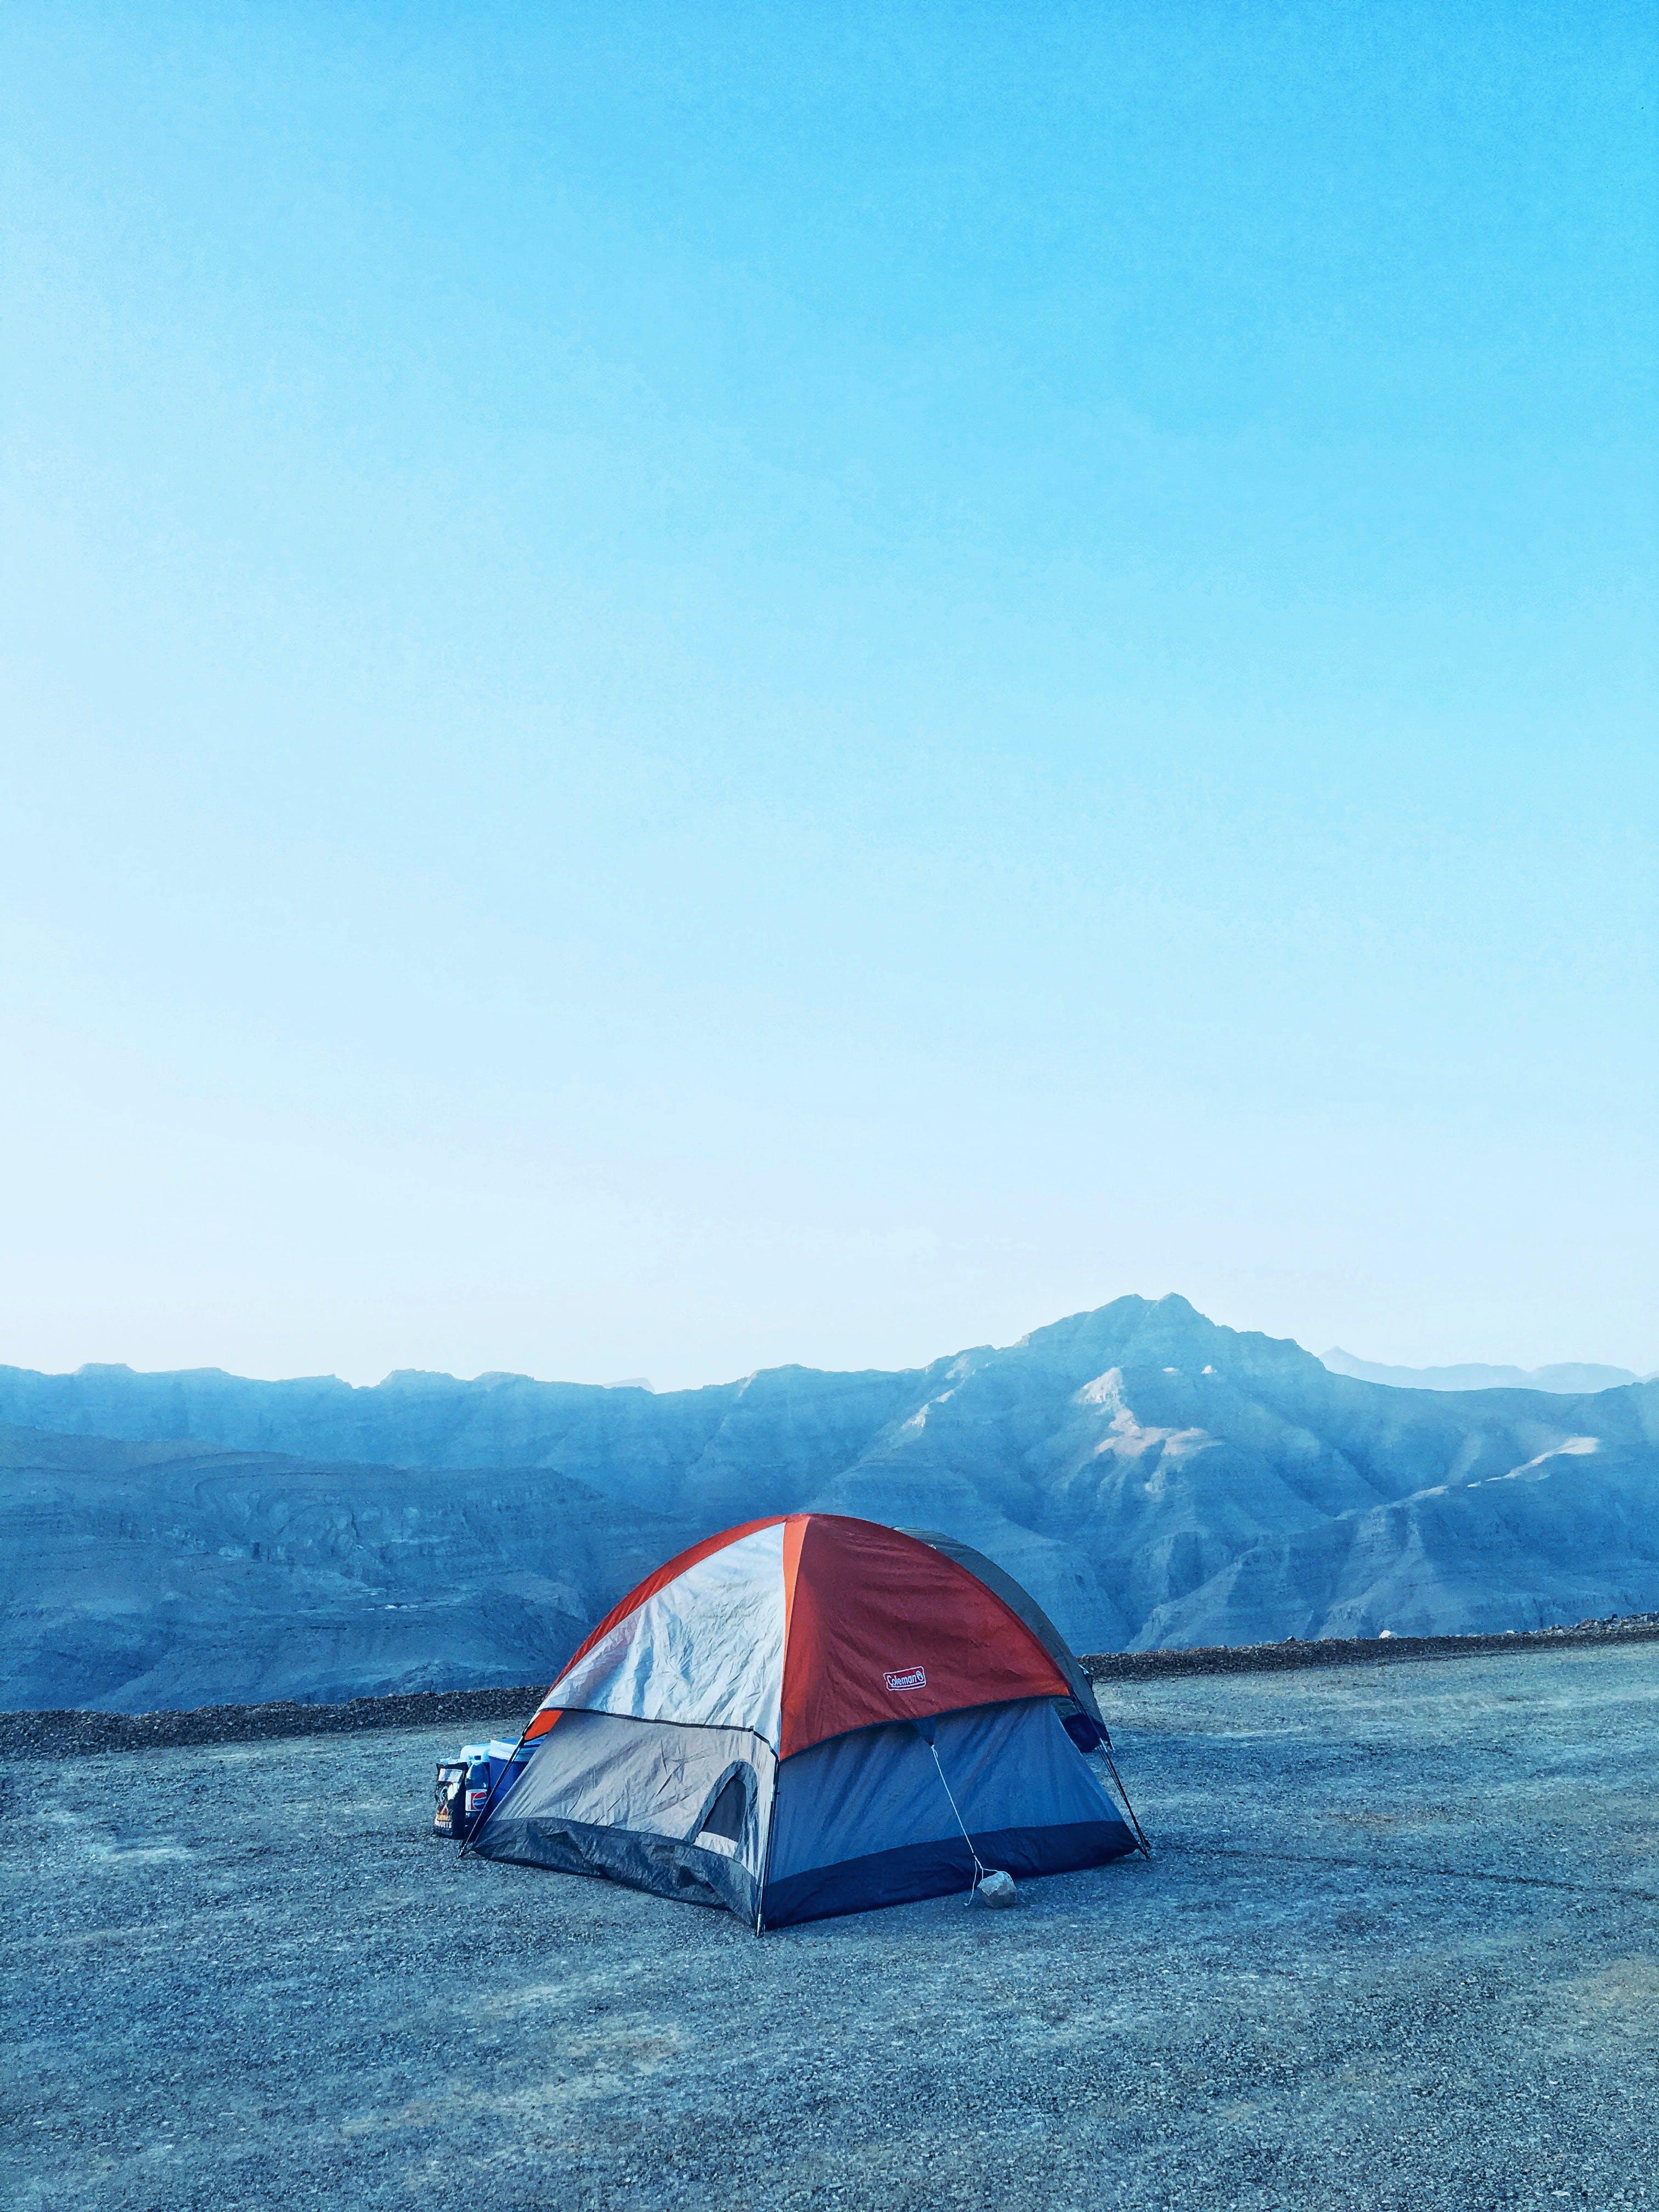 Free stock photo of mountains, travel, dubai, tent